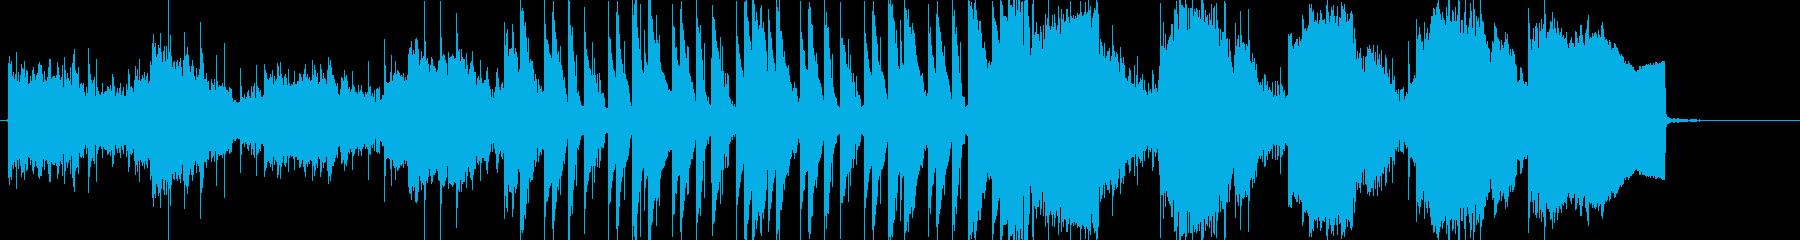 何かが出そうな、怖い和風テイストの音楽の再生済みの波形